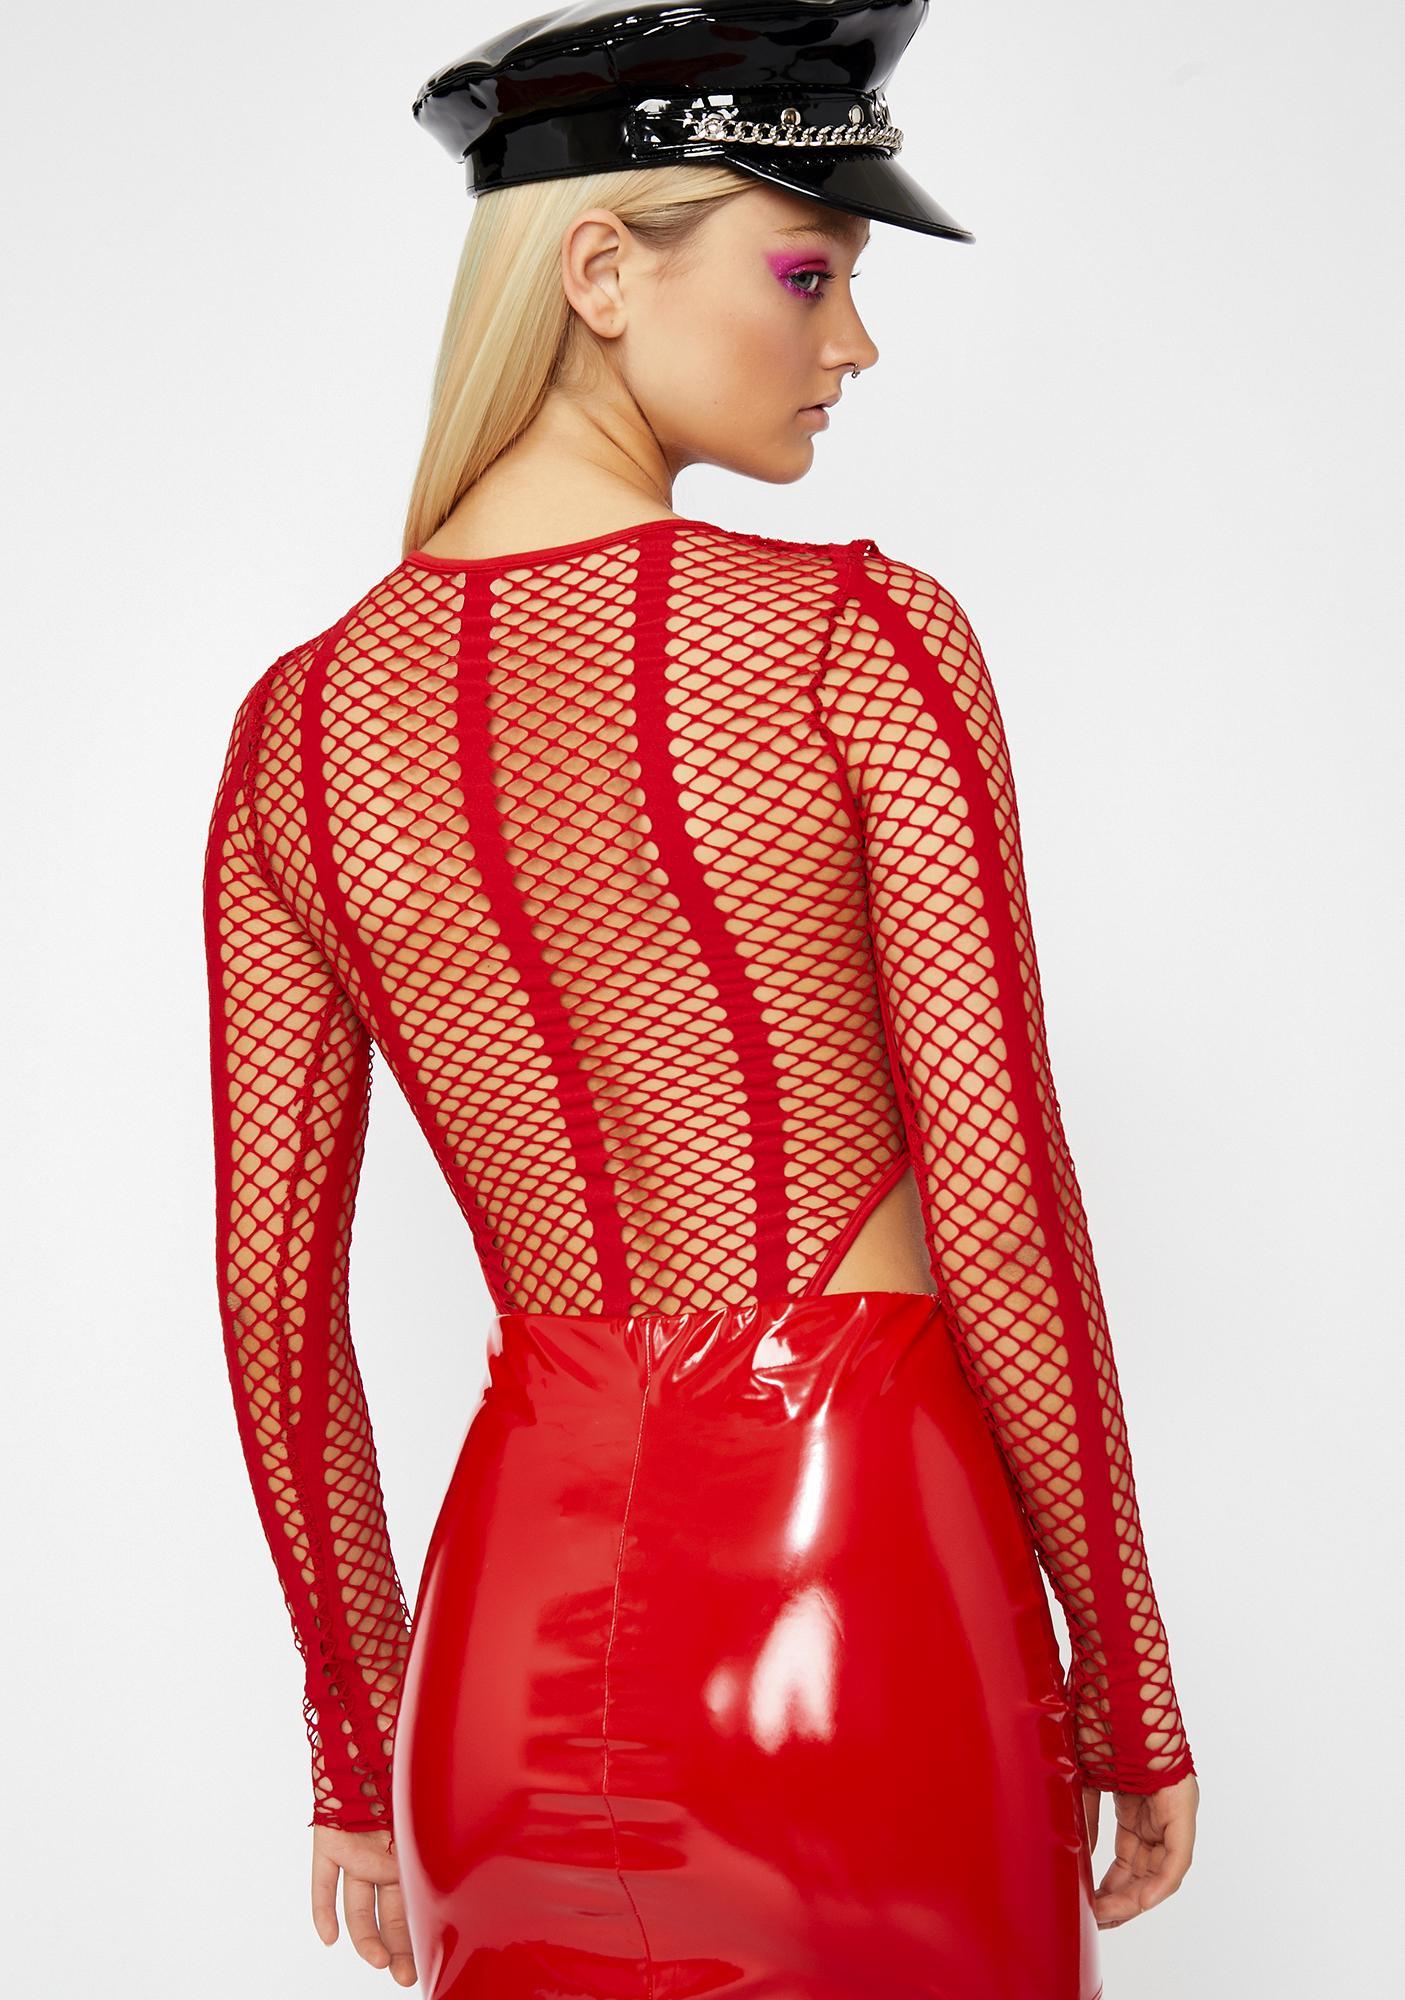 Flame Chaotic Vixen Fishnet Bodysuit